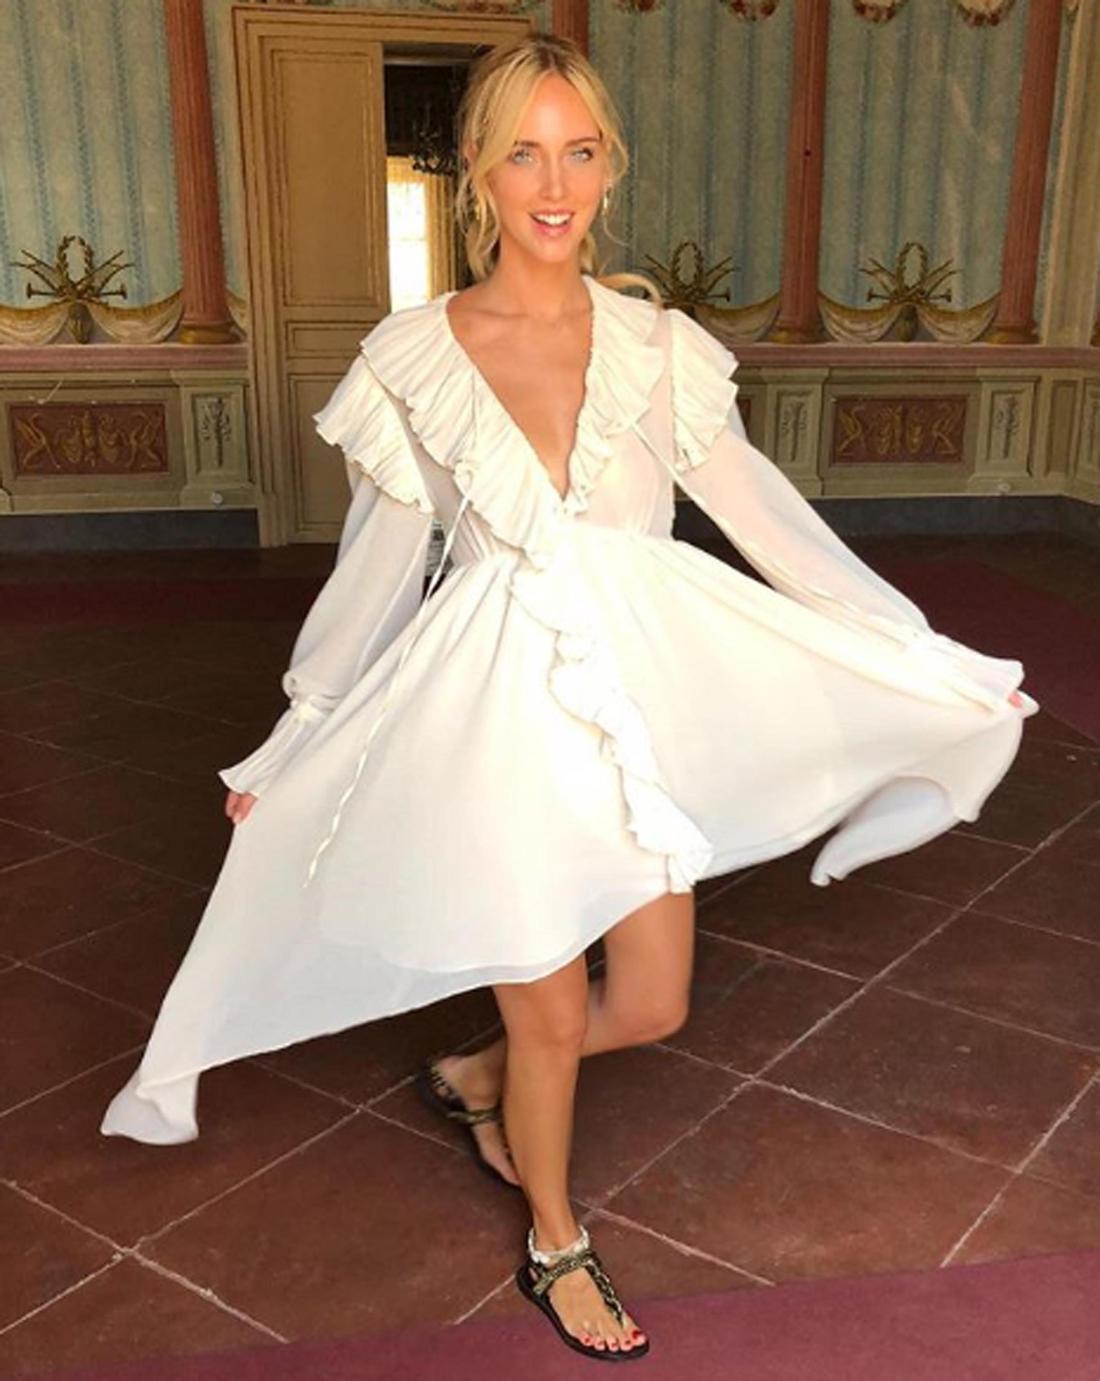 45669ca897a6 Il matrimonio Chiara Ferragni - Fedez tutto è pronto